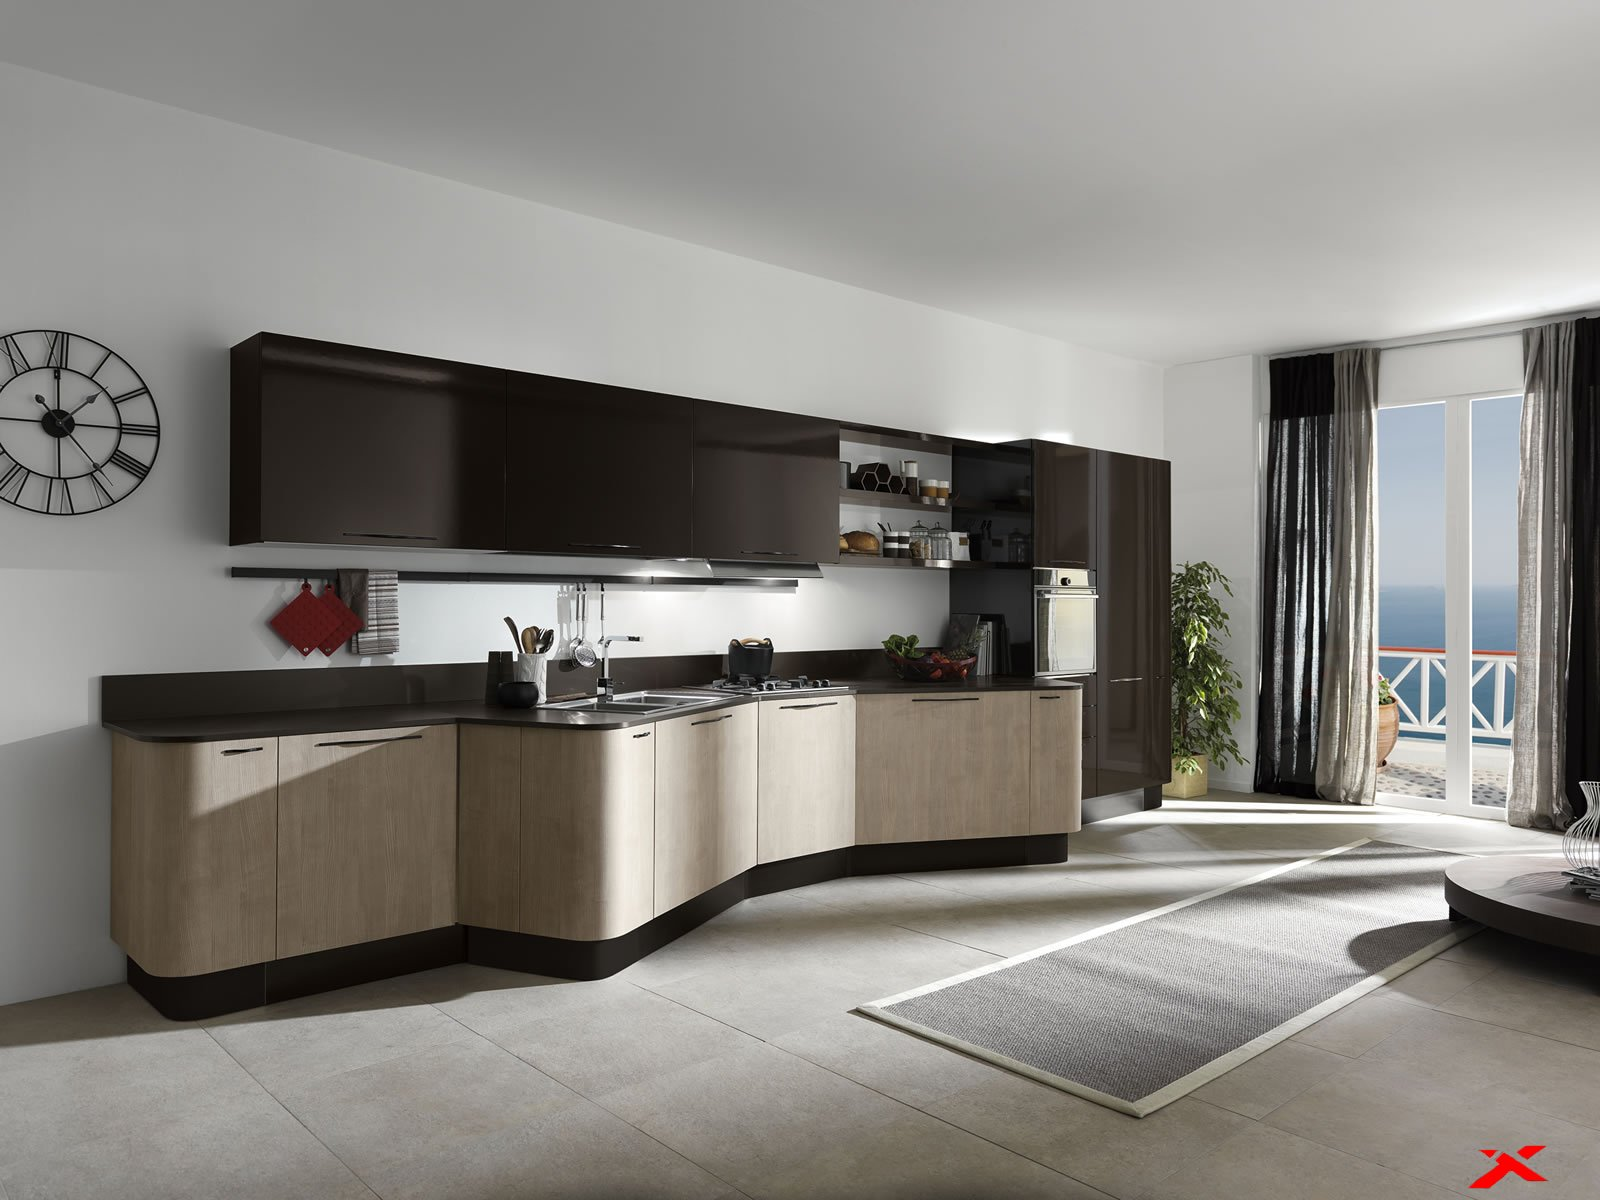 Мебель на современной кухне в стиле модерн